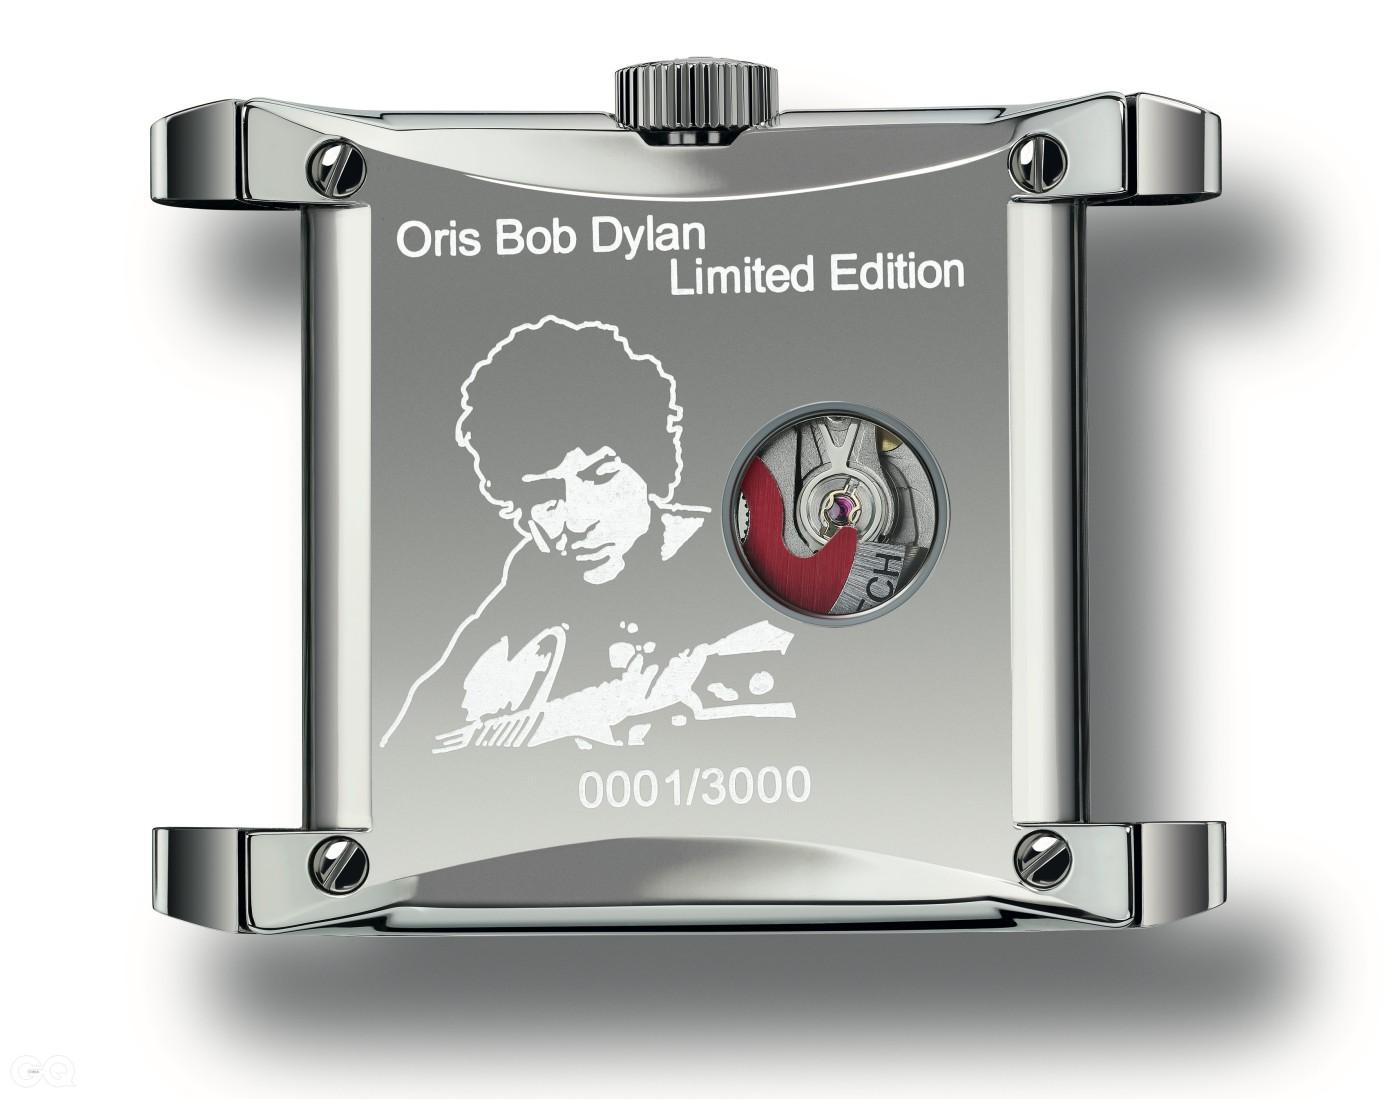 시계의 뒷면에는 밥 딜런의 초상과 3,000개 한정 제작을 상징하는 번호가 새겨졌다.